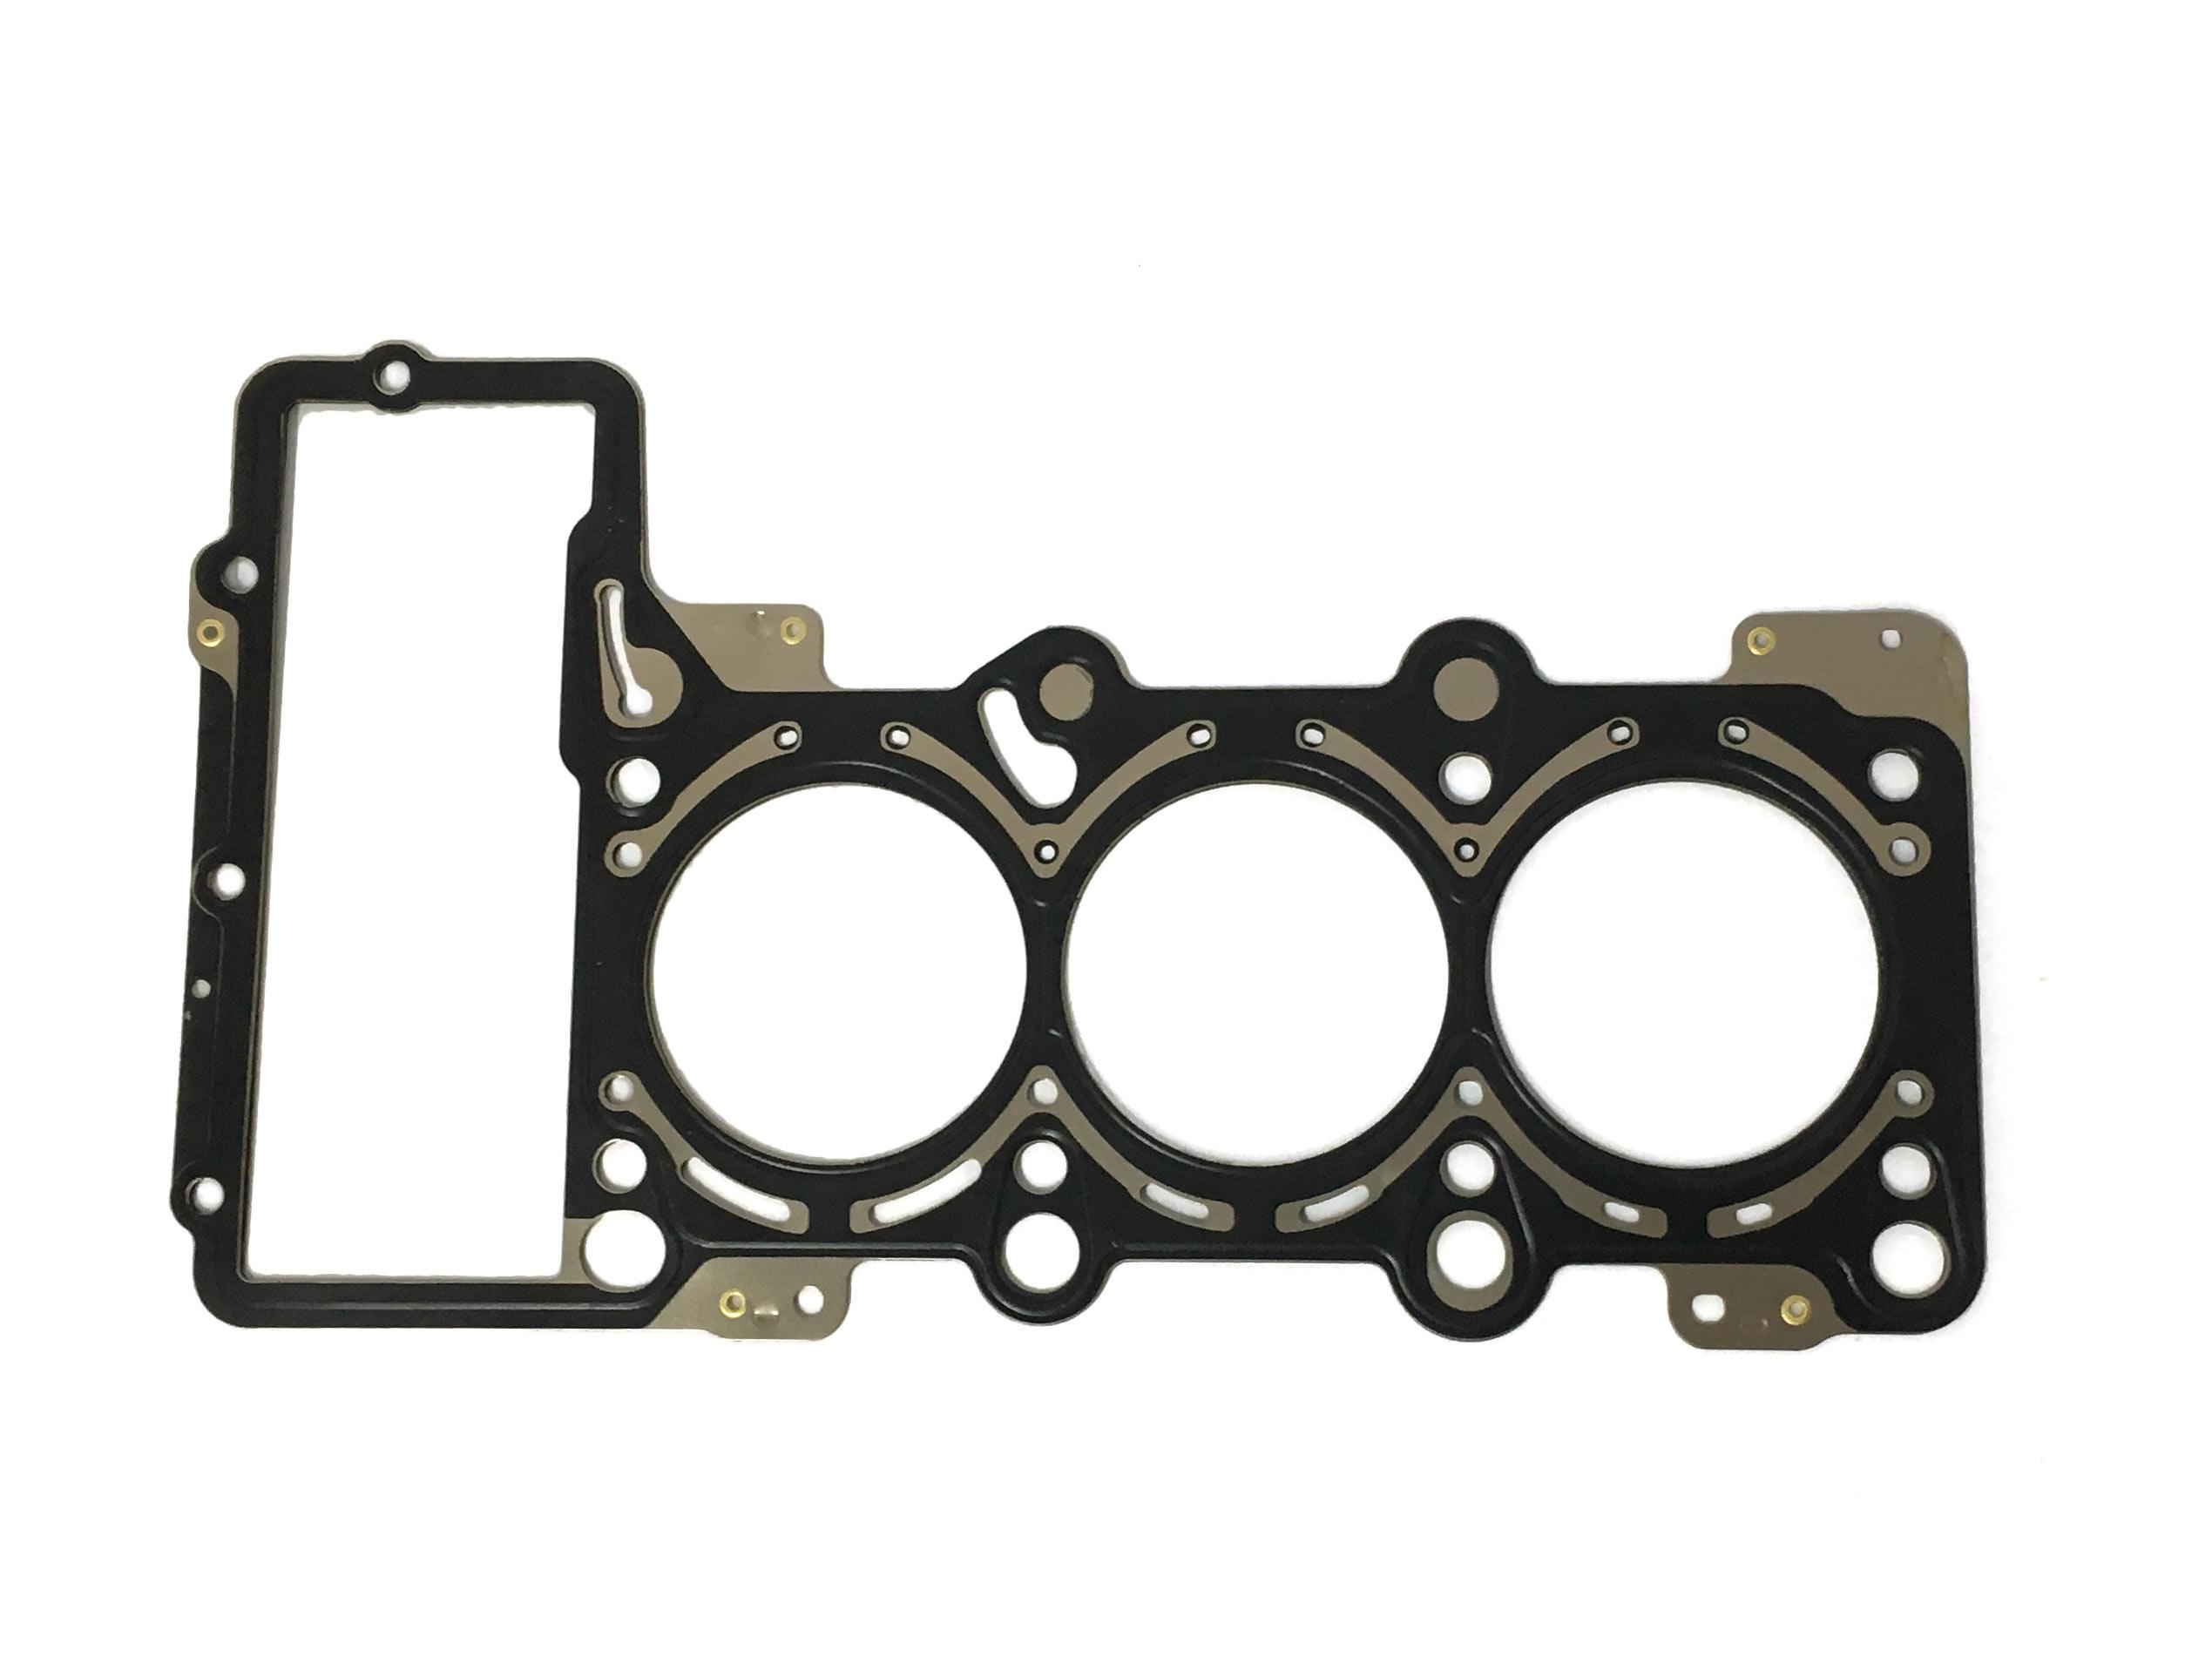 Zylinderkopfdichtung Zylinder 1-3 ZKD Audi A6 2,4 BDW 06E103148P NEU